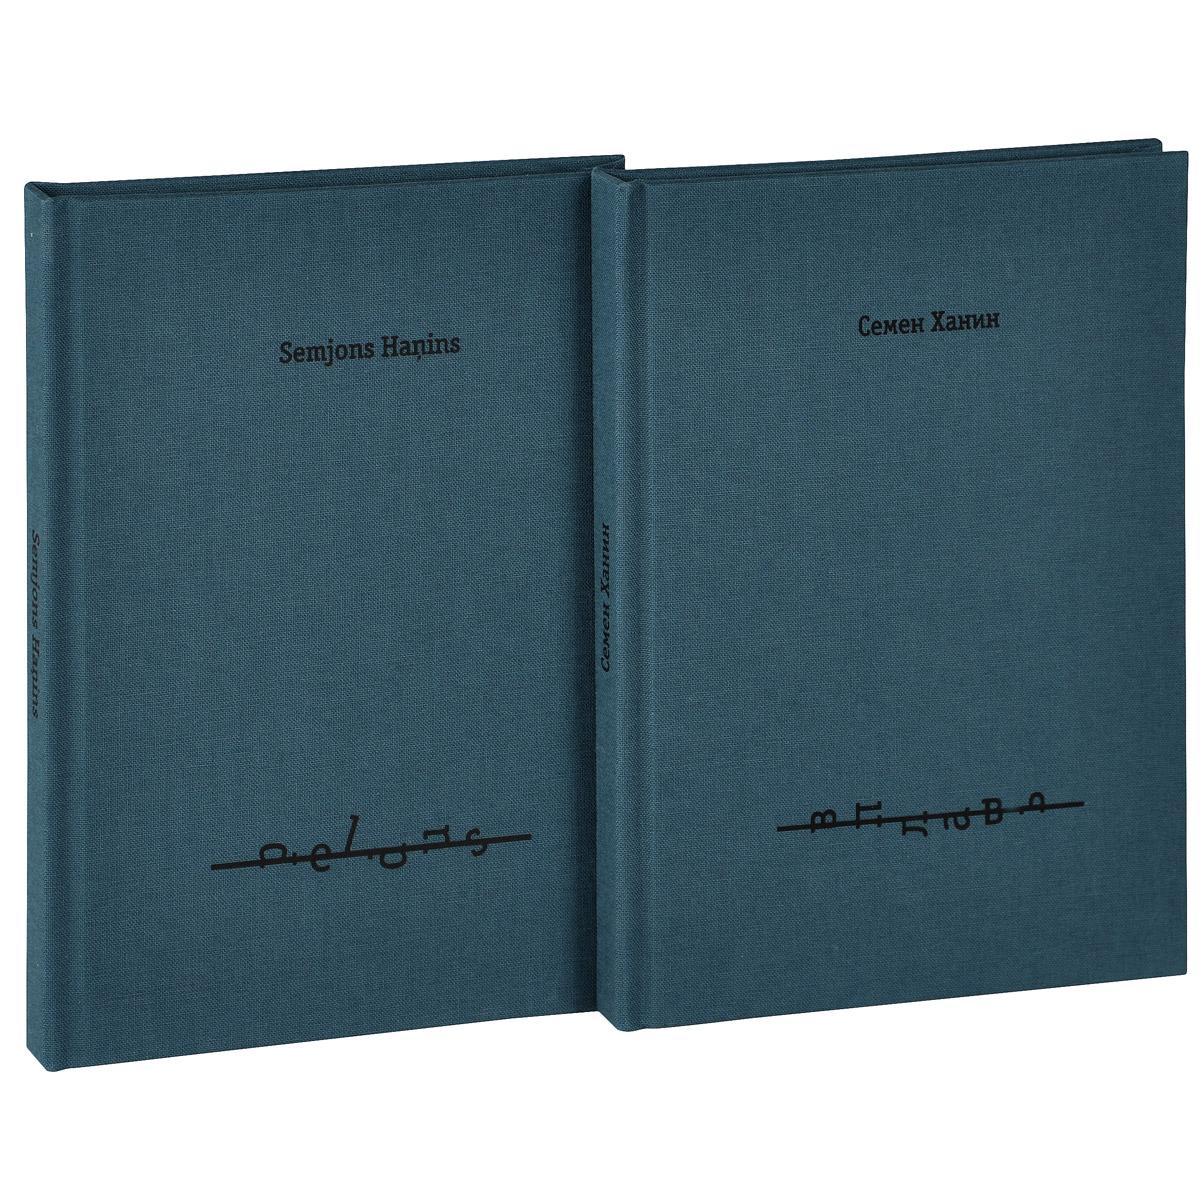 Вплавь / Peldus (комплект из 2 книг)